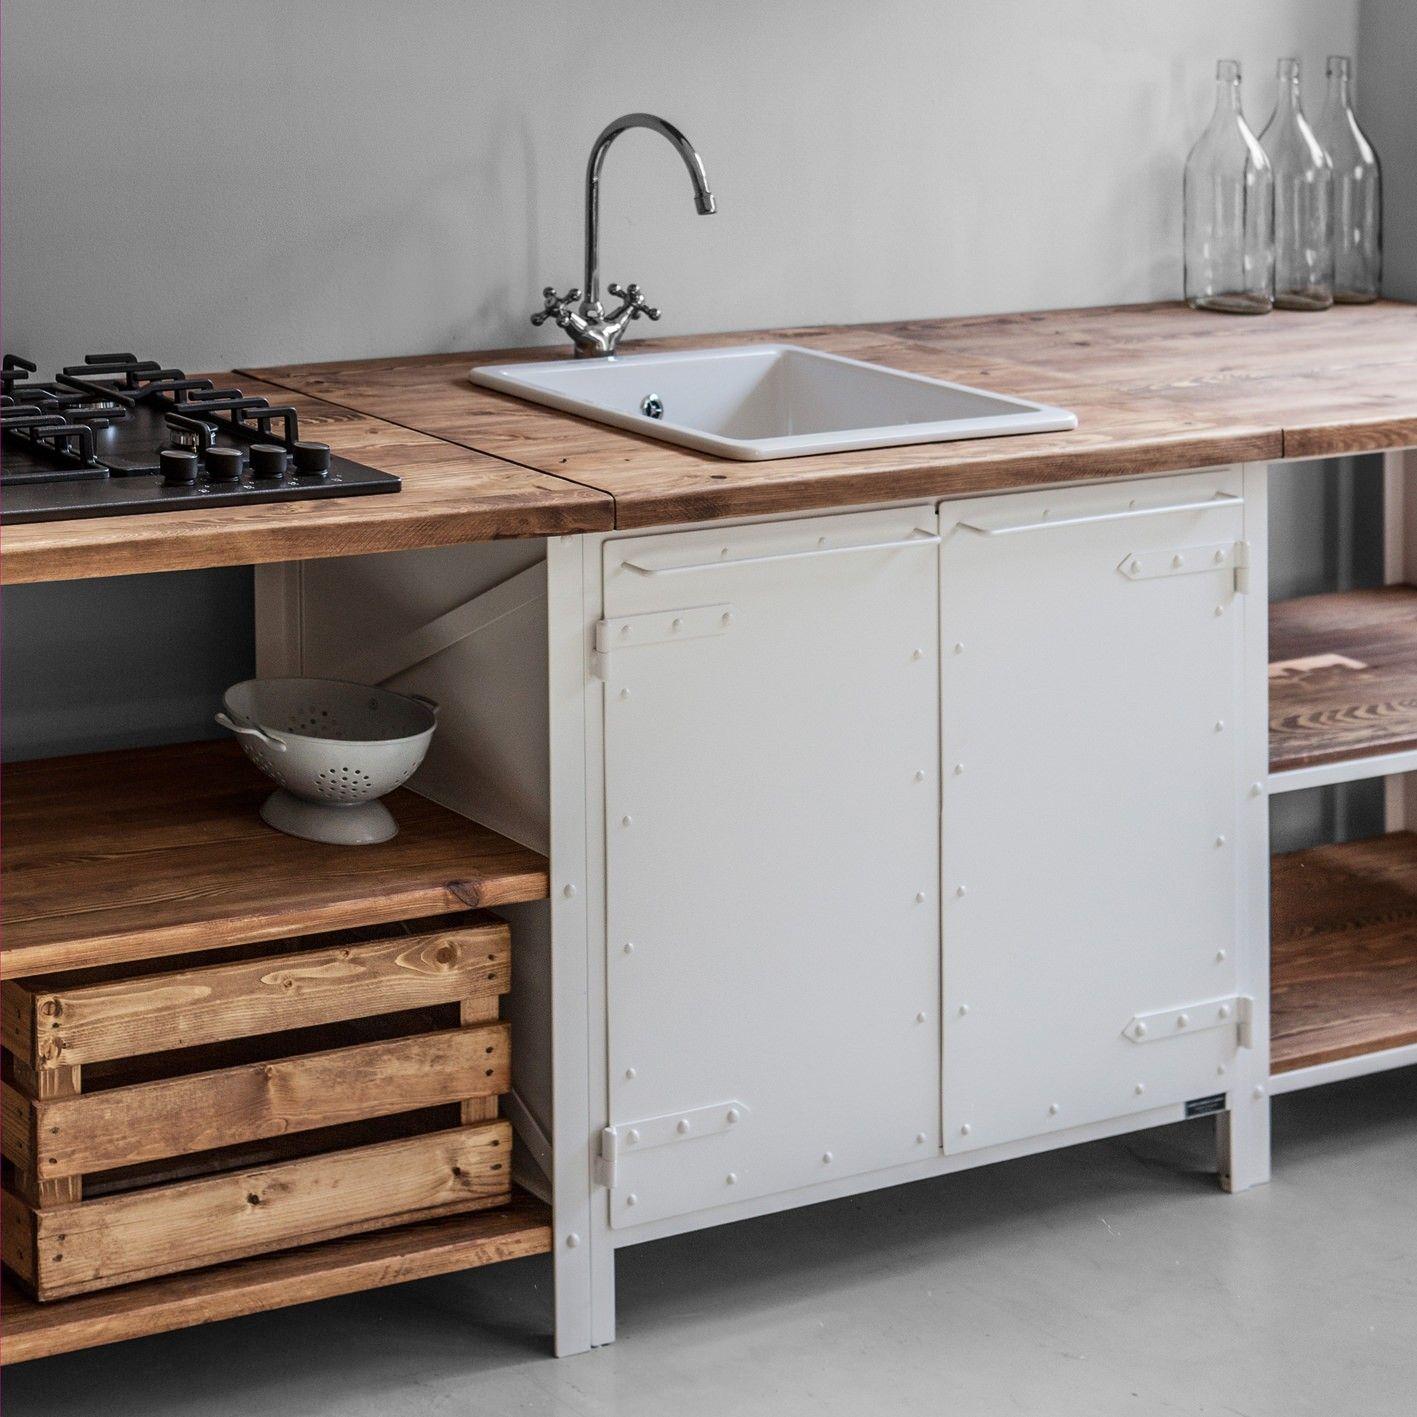 kÜchenschrank basic ? | pinterest - Küche Schrank